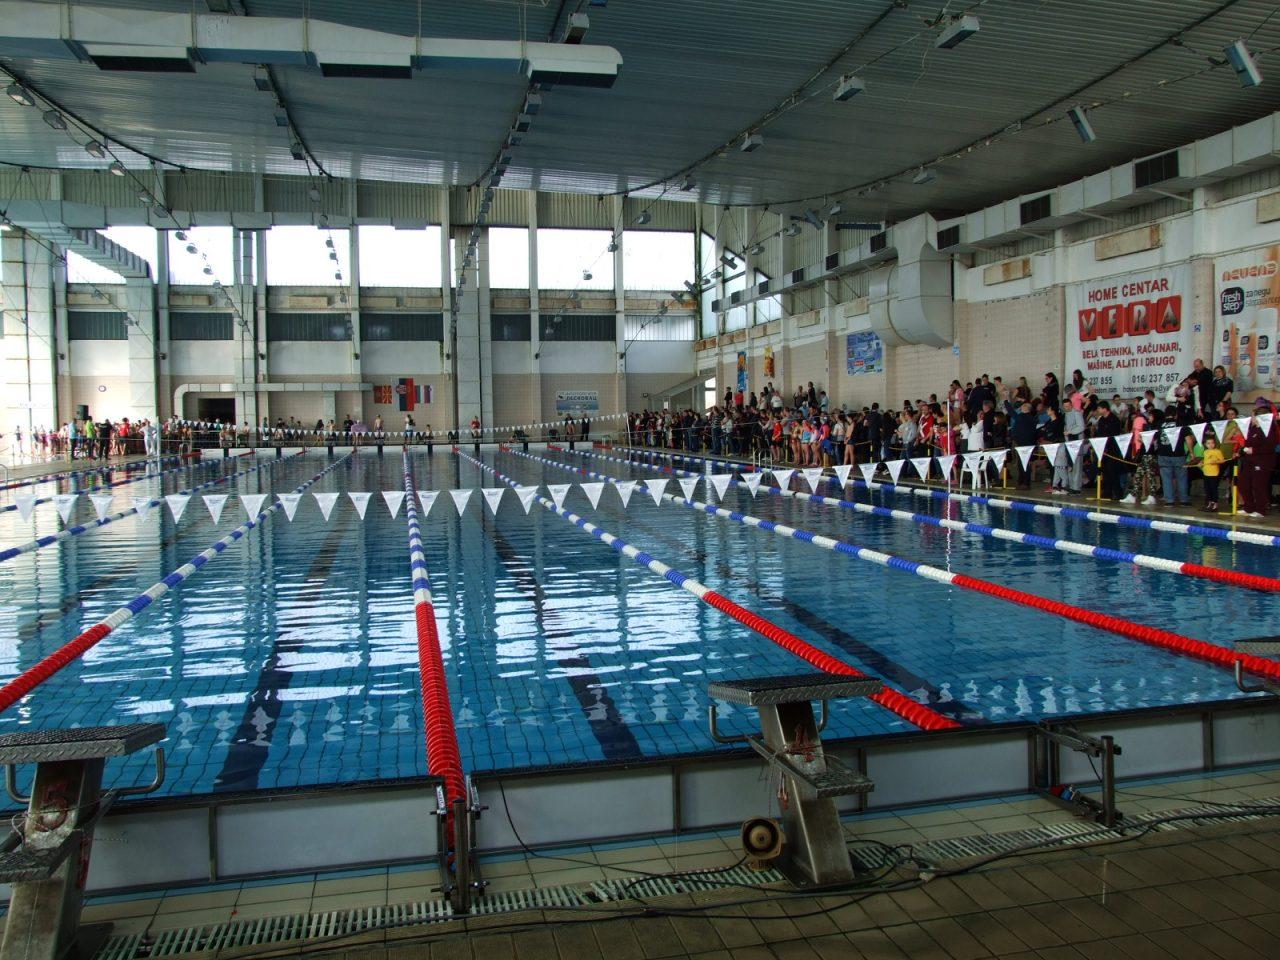 plivanje-1.jpg